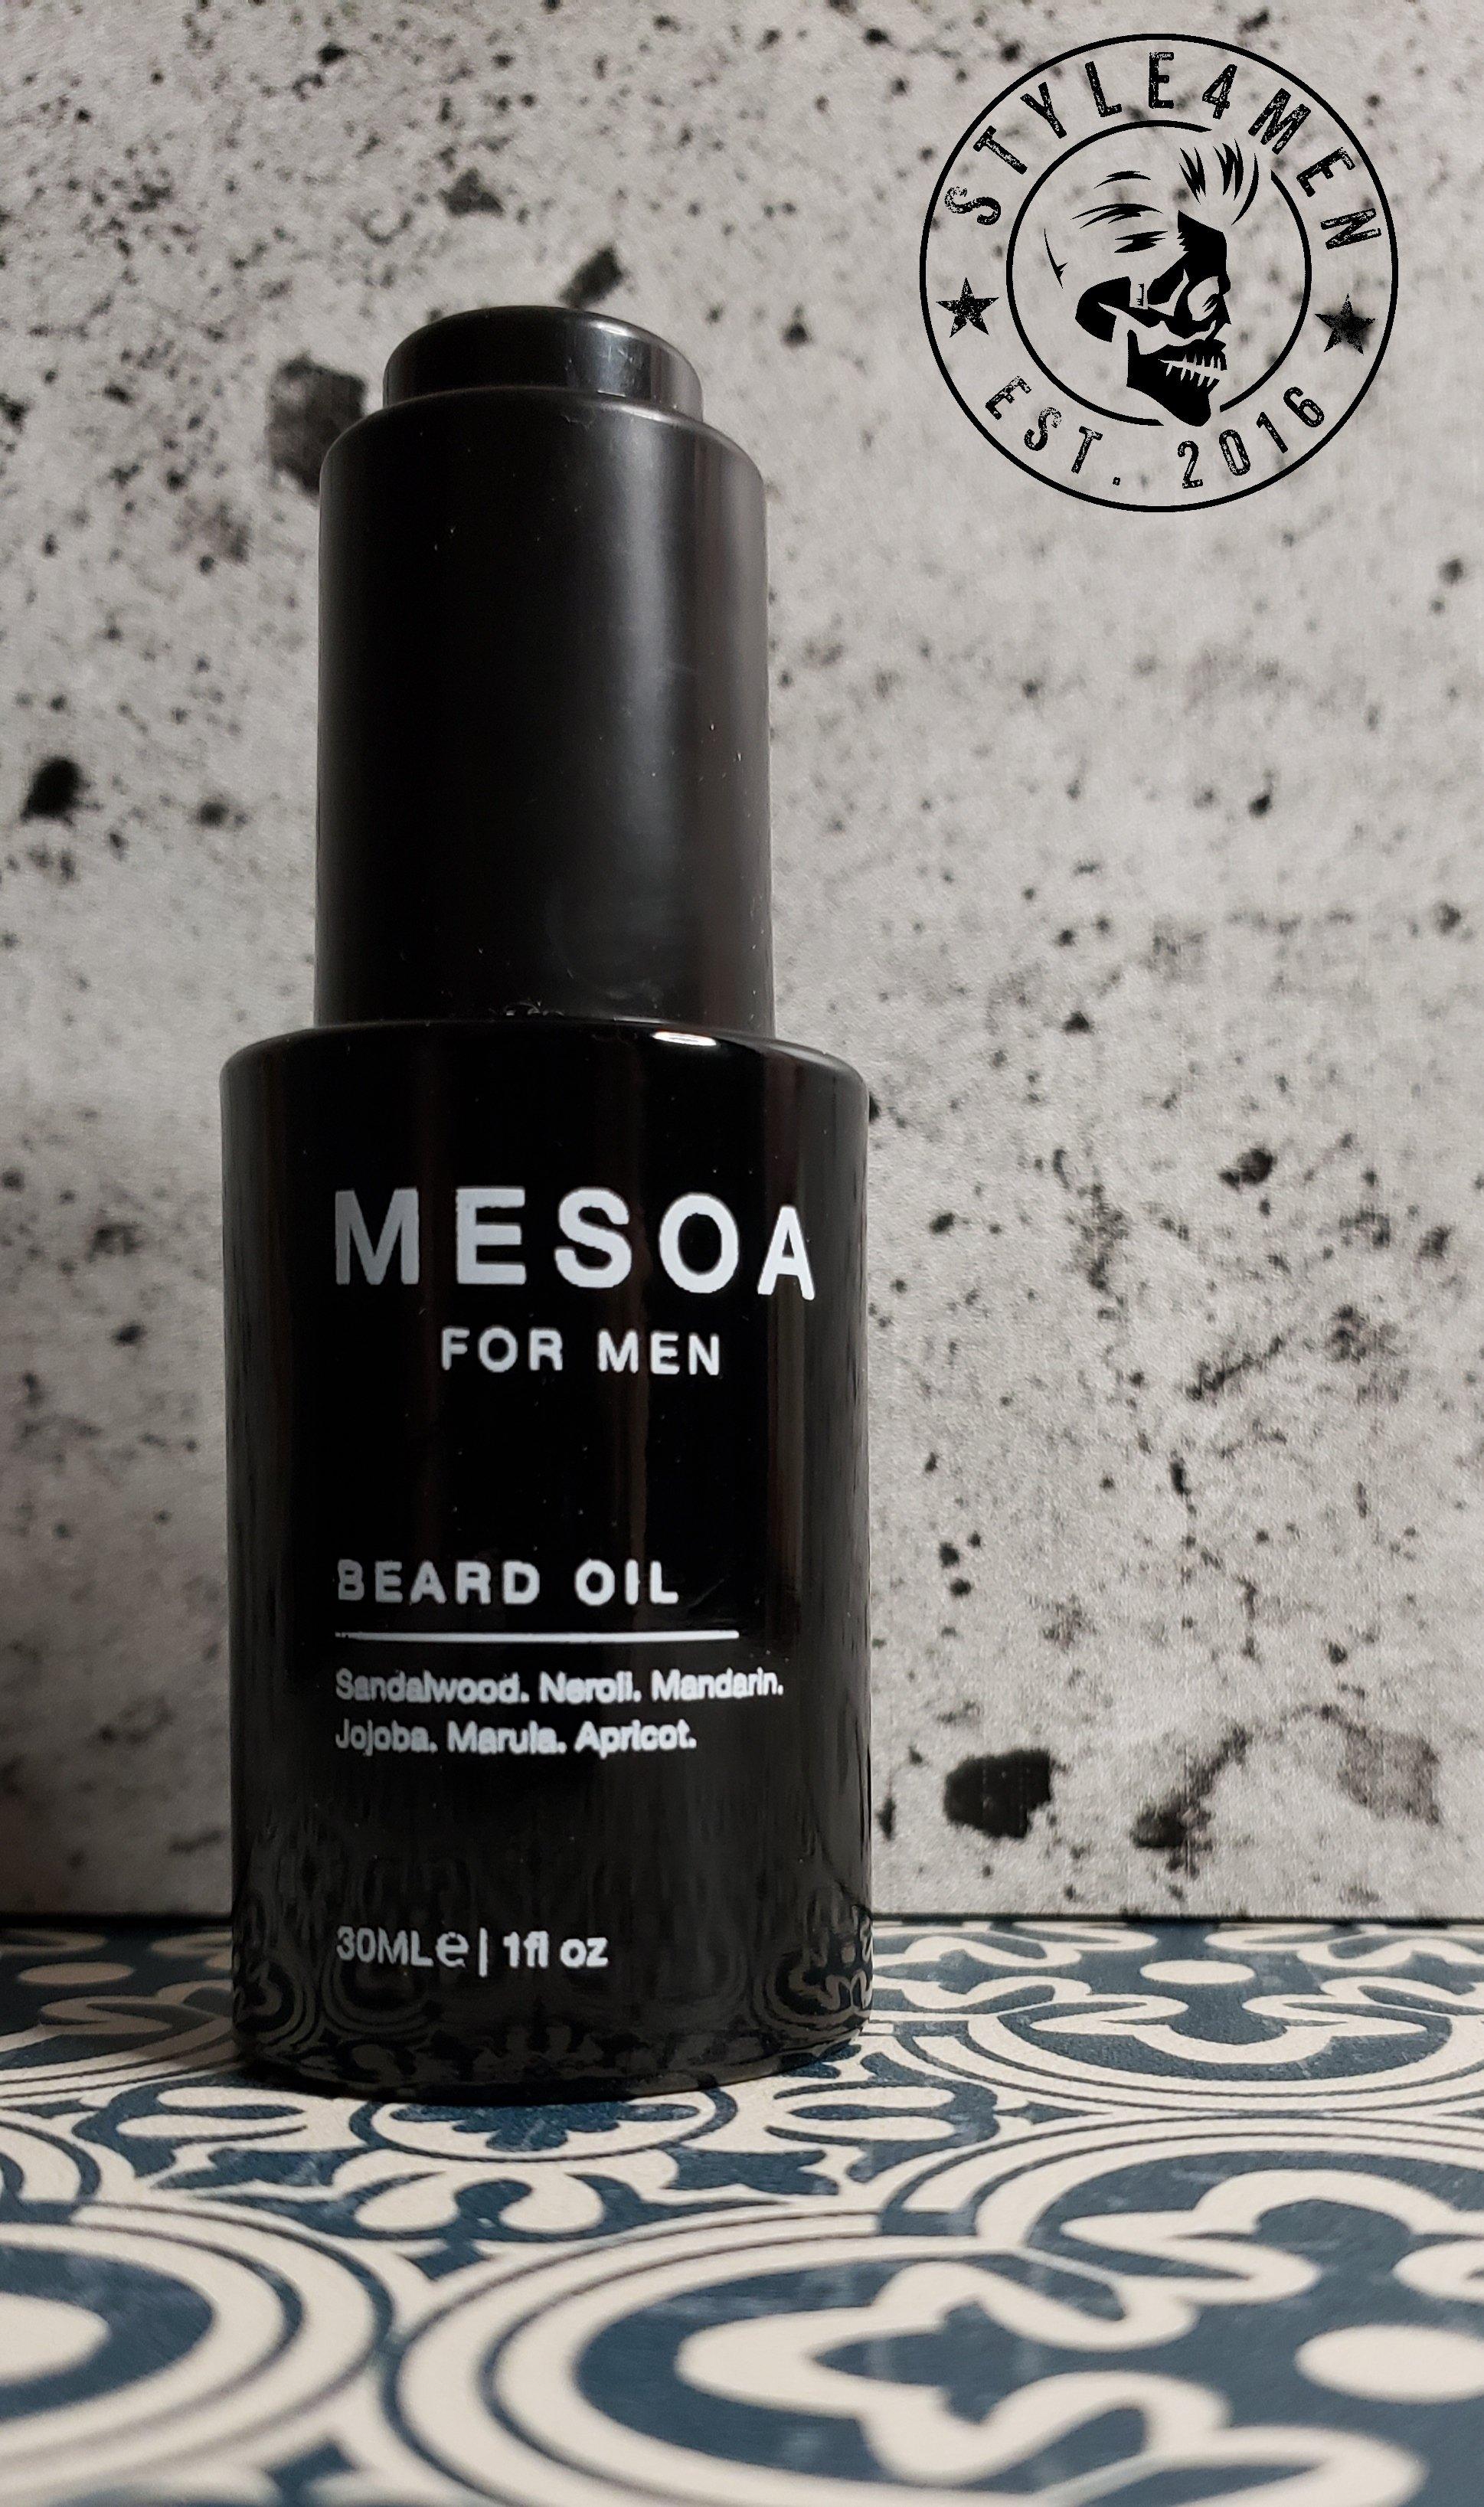 Beard oil by MESOA for Men